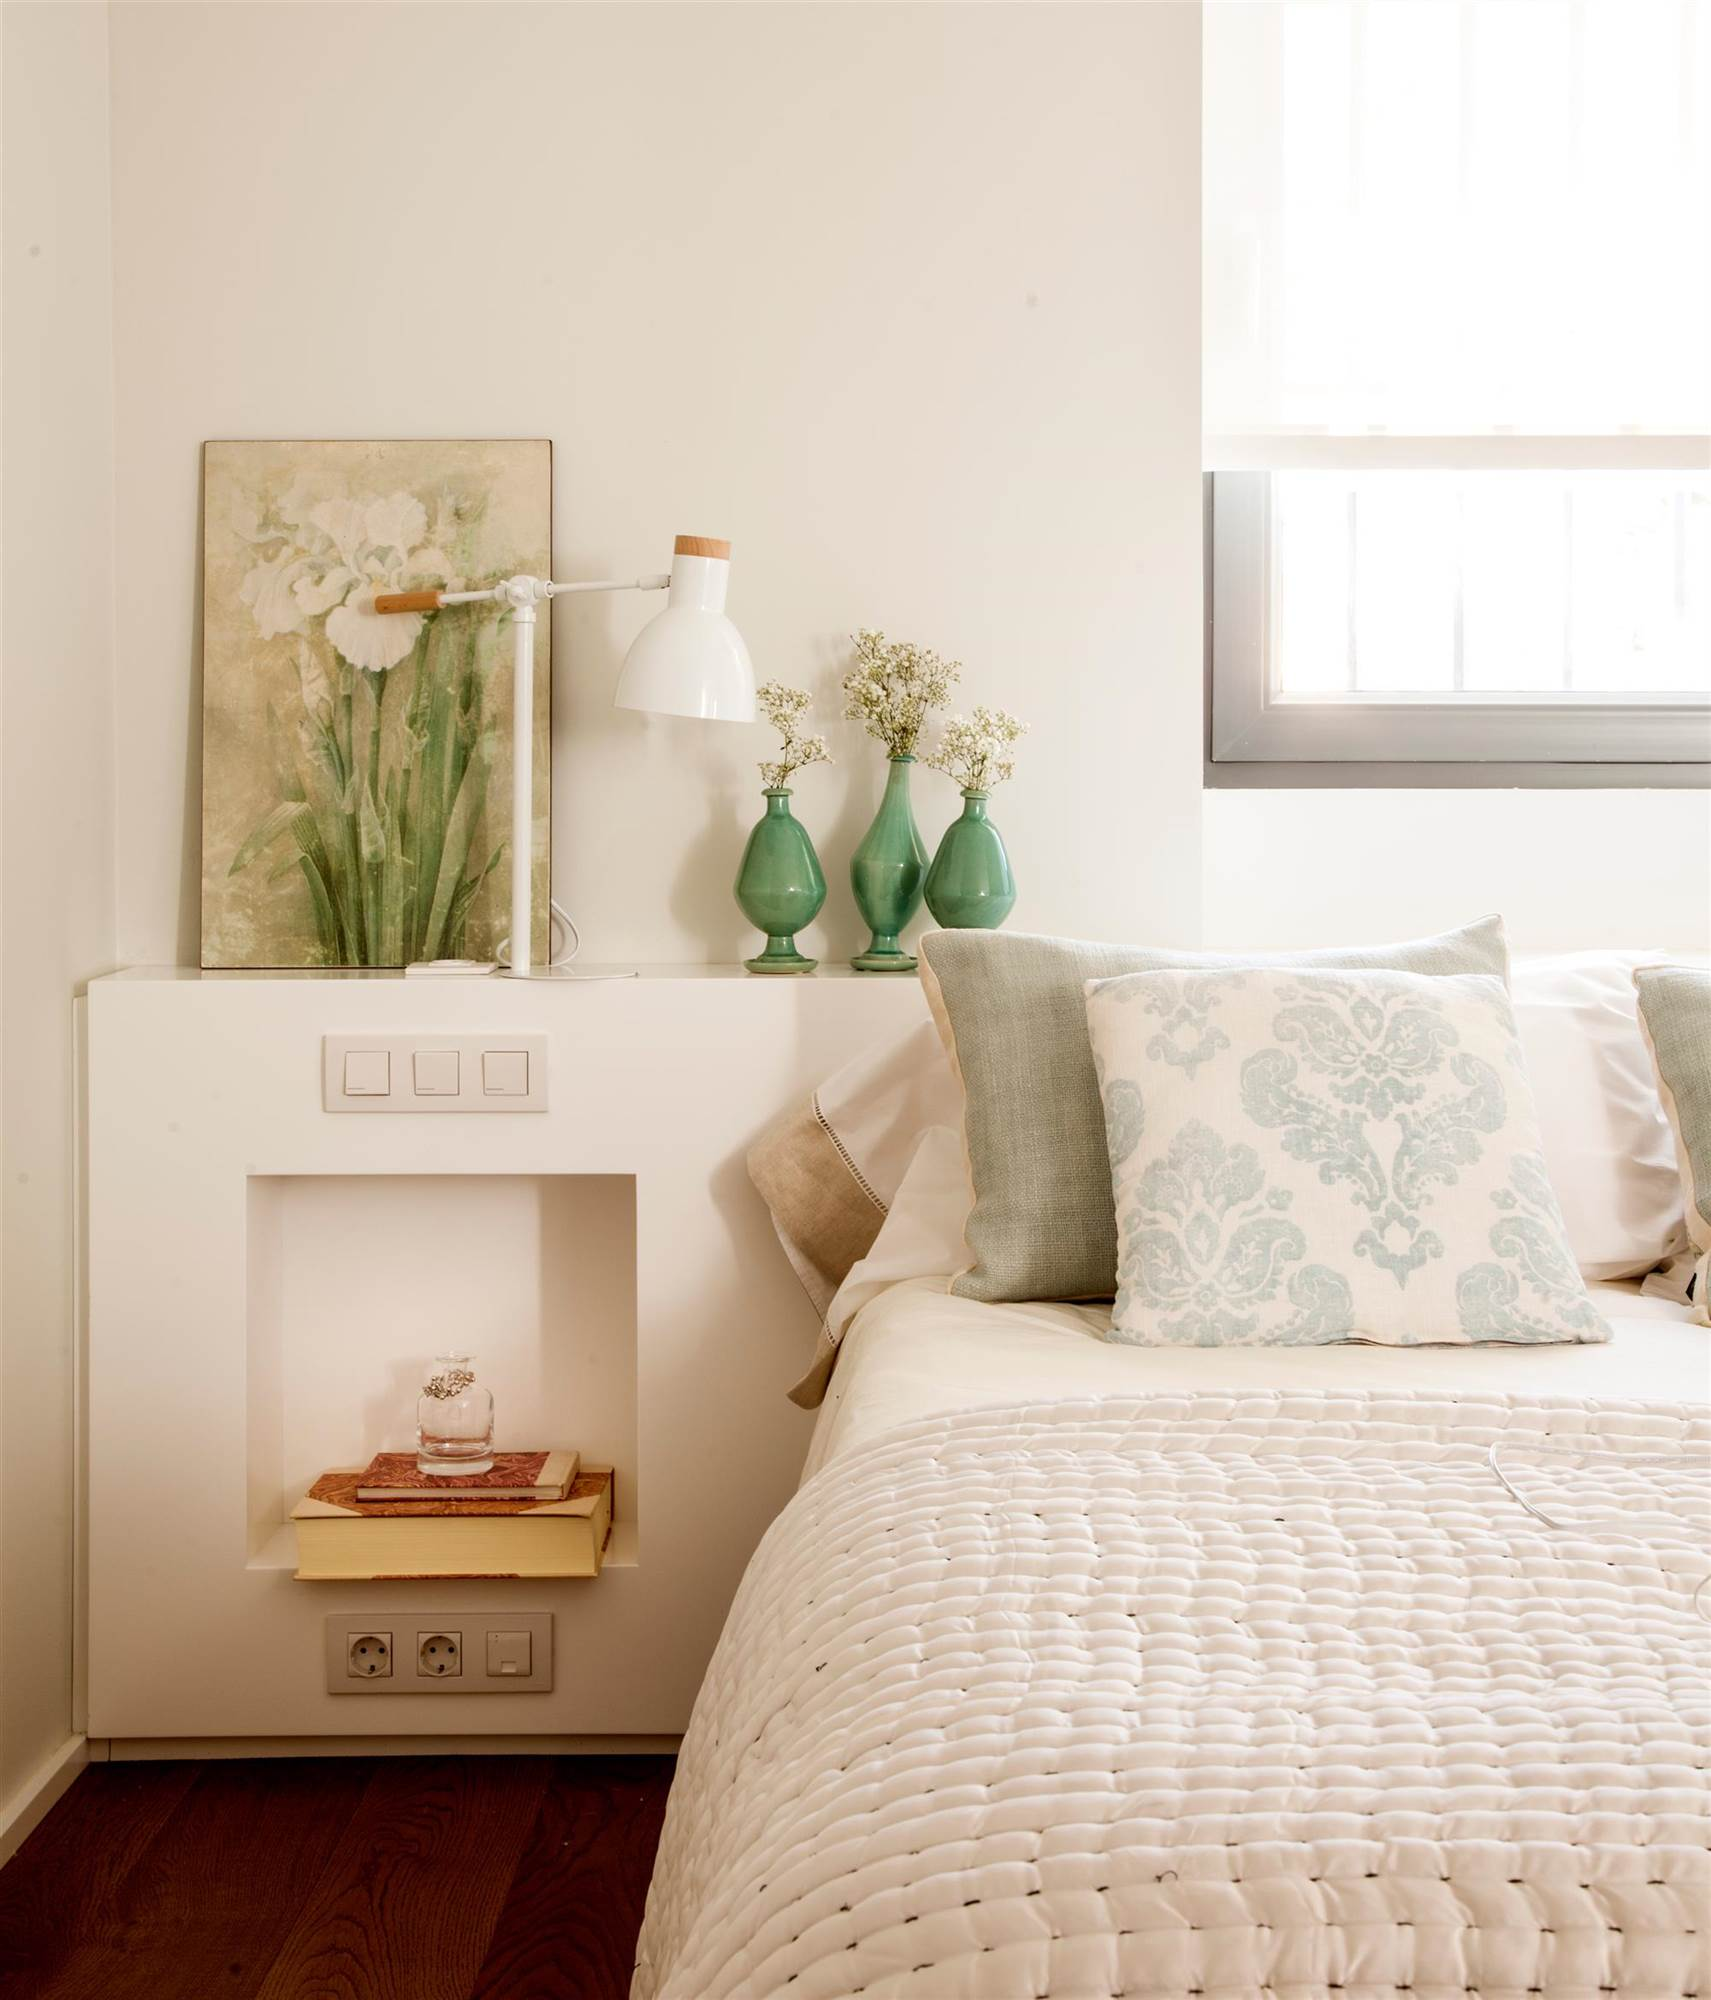 Dormitorio Con Cabecero De Obra Y Hornacina A Modo De Mesilla De Noche,  Cuadro Y